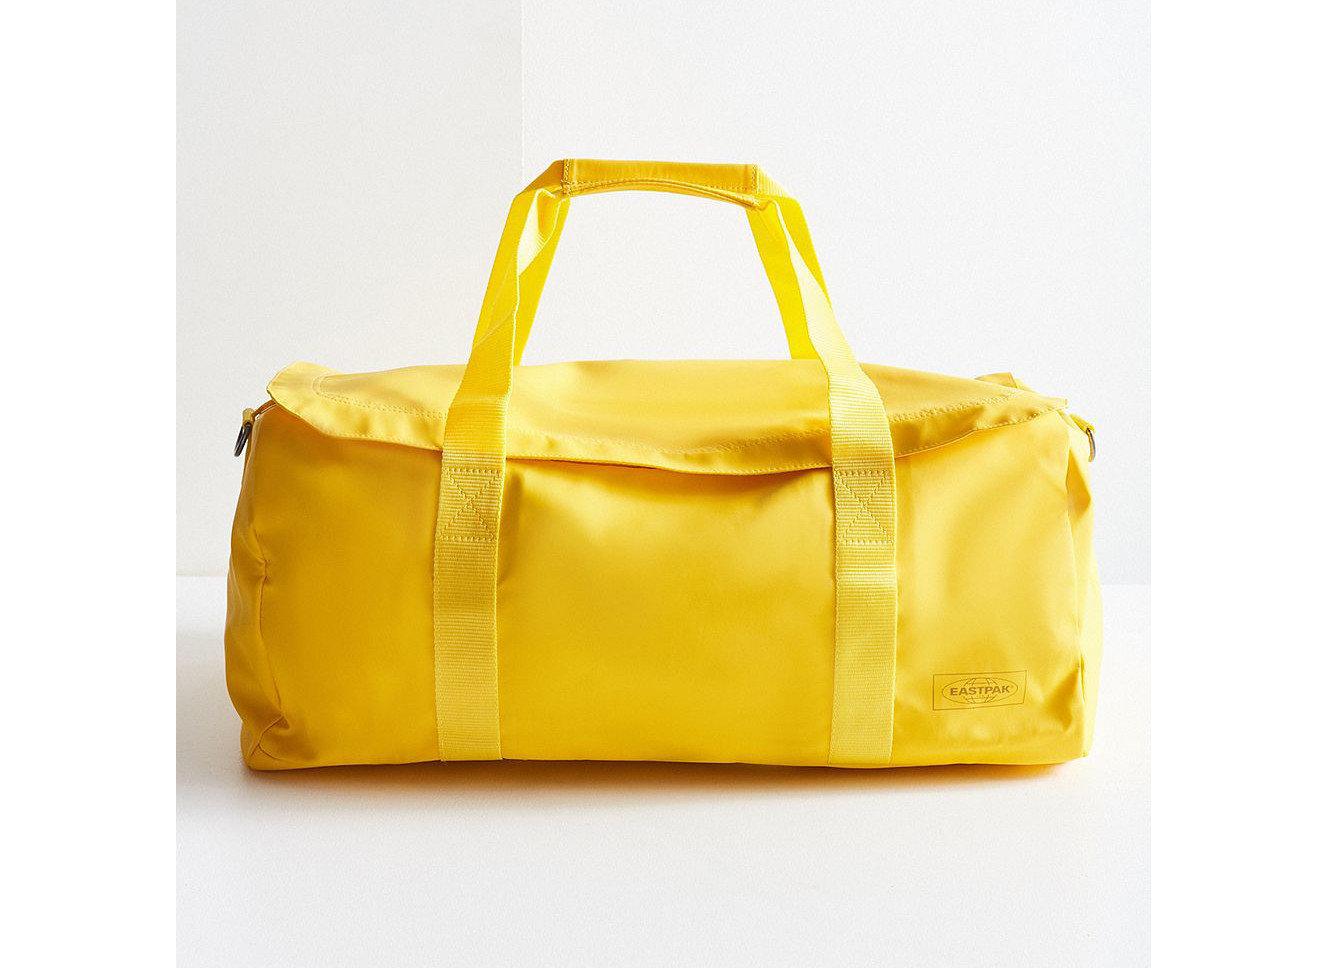 Packing Tips Style + Design Travel Shop bag yellow shoulder bag handbag product beige caramel color product design leather